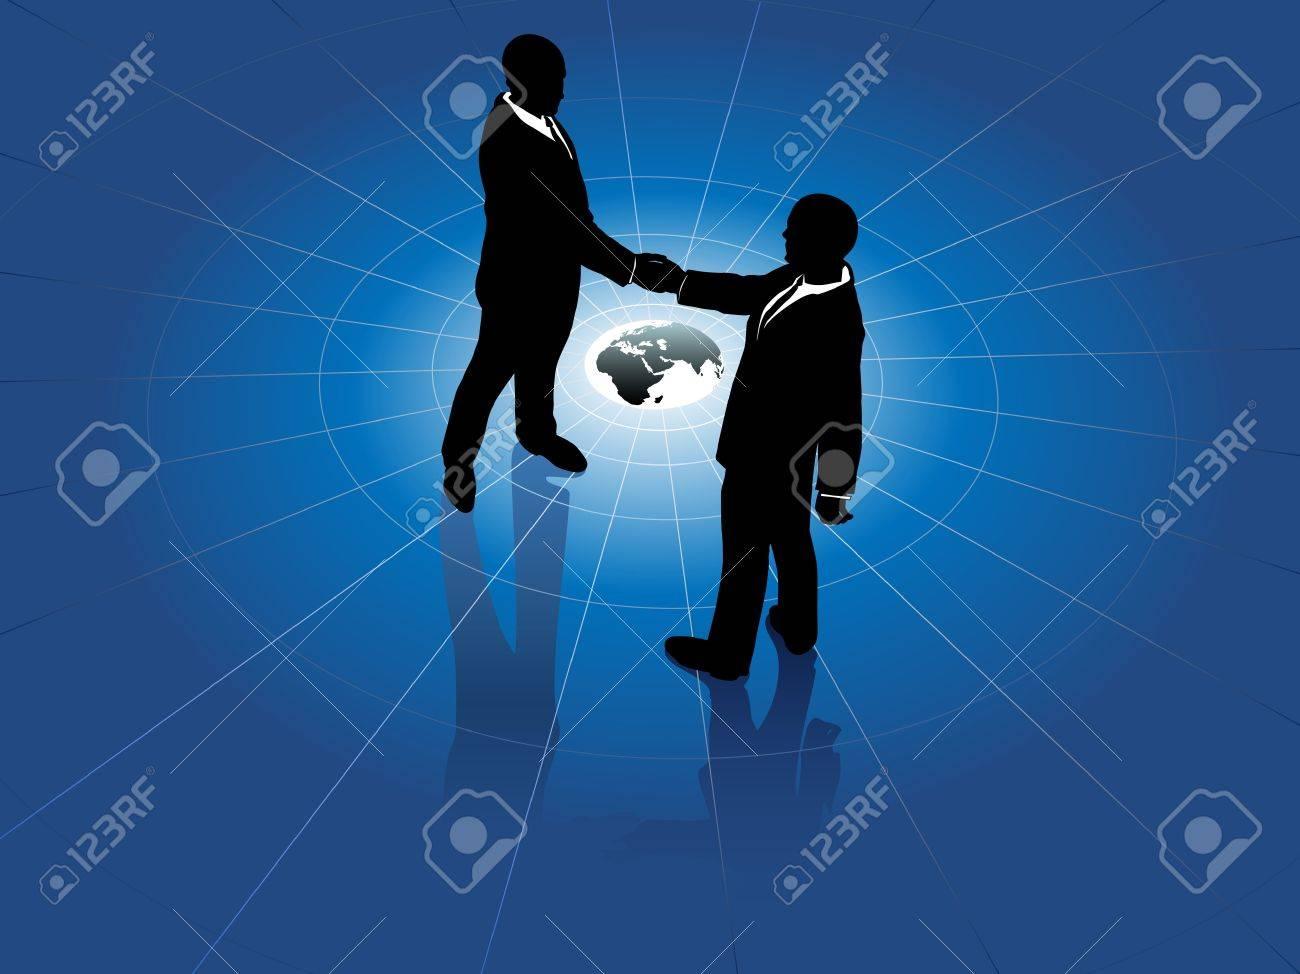 Global network business men partner in a  handshake for world agreement Stock Vector - 9712927